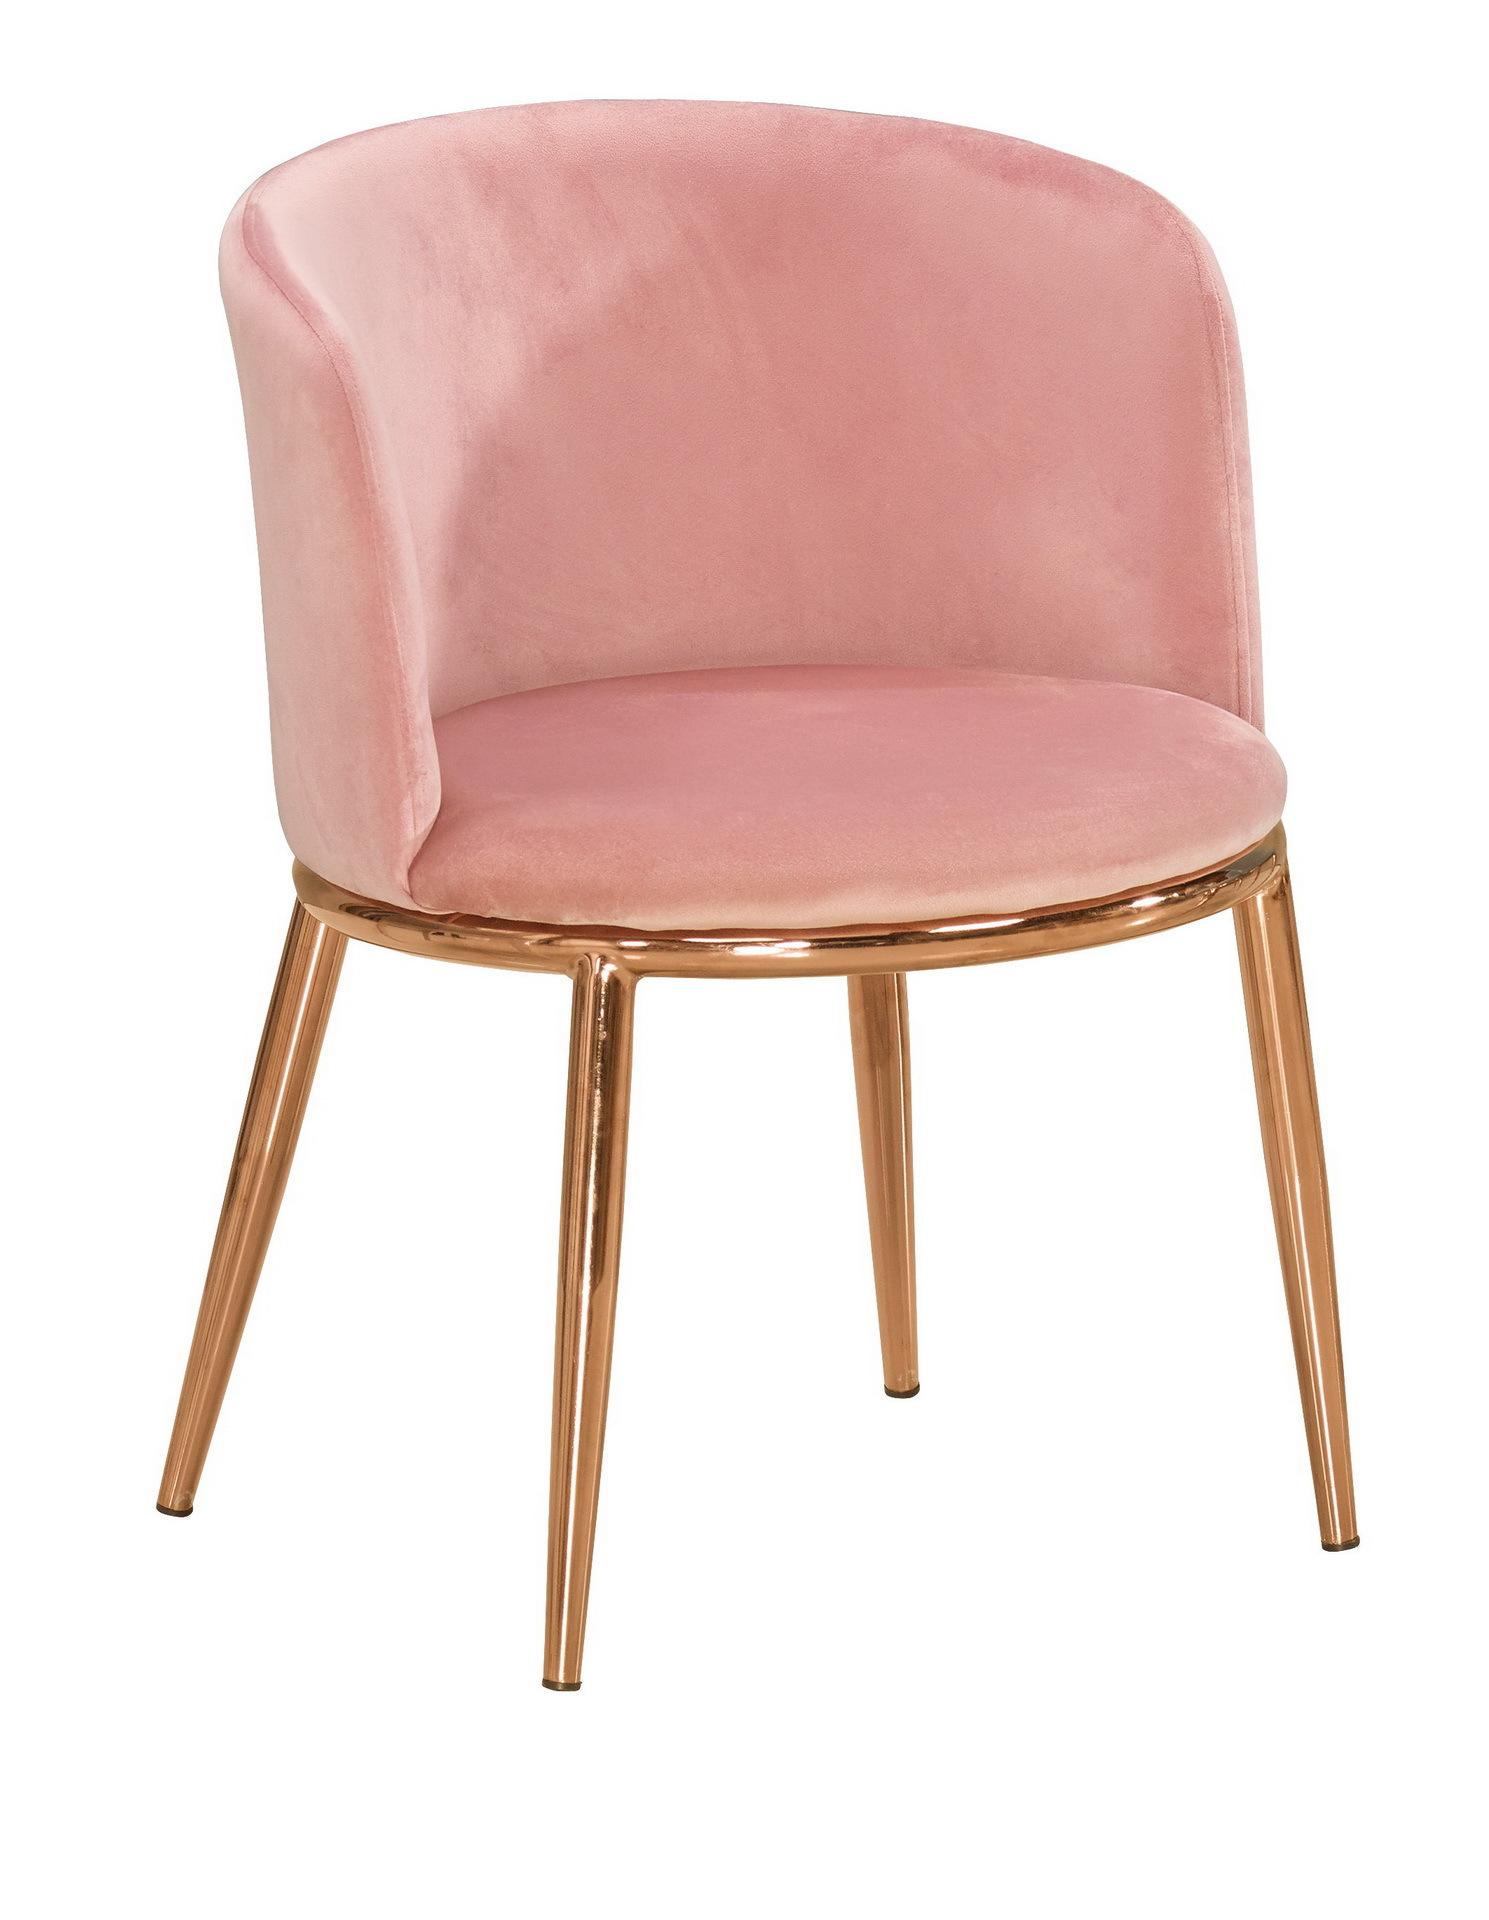 530-8 羅蘭餐椅(粉色布)(五金腳).jpg